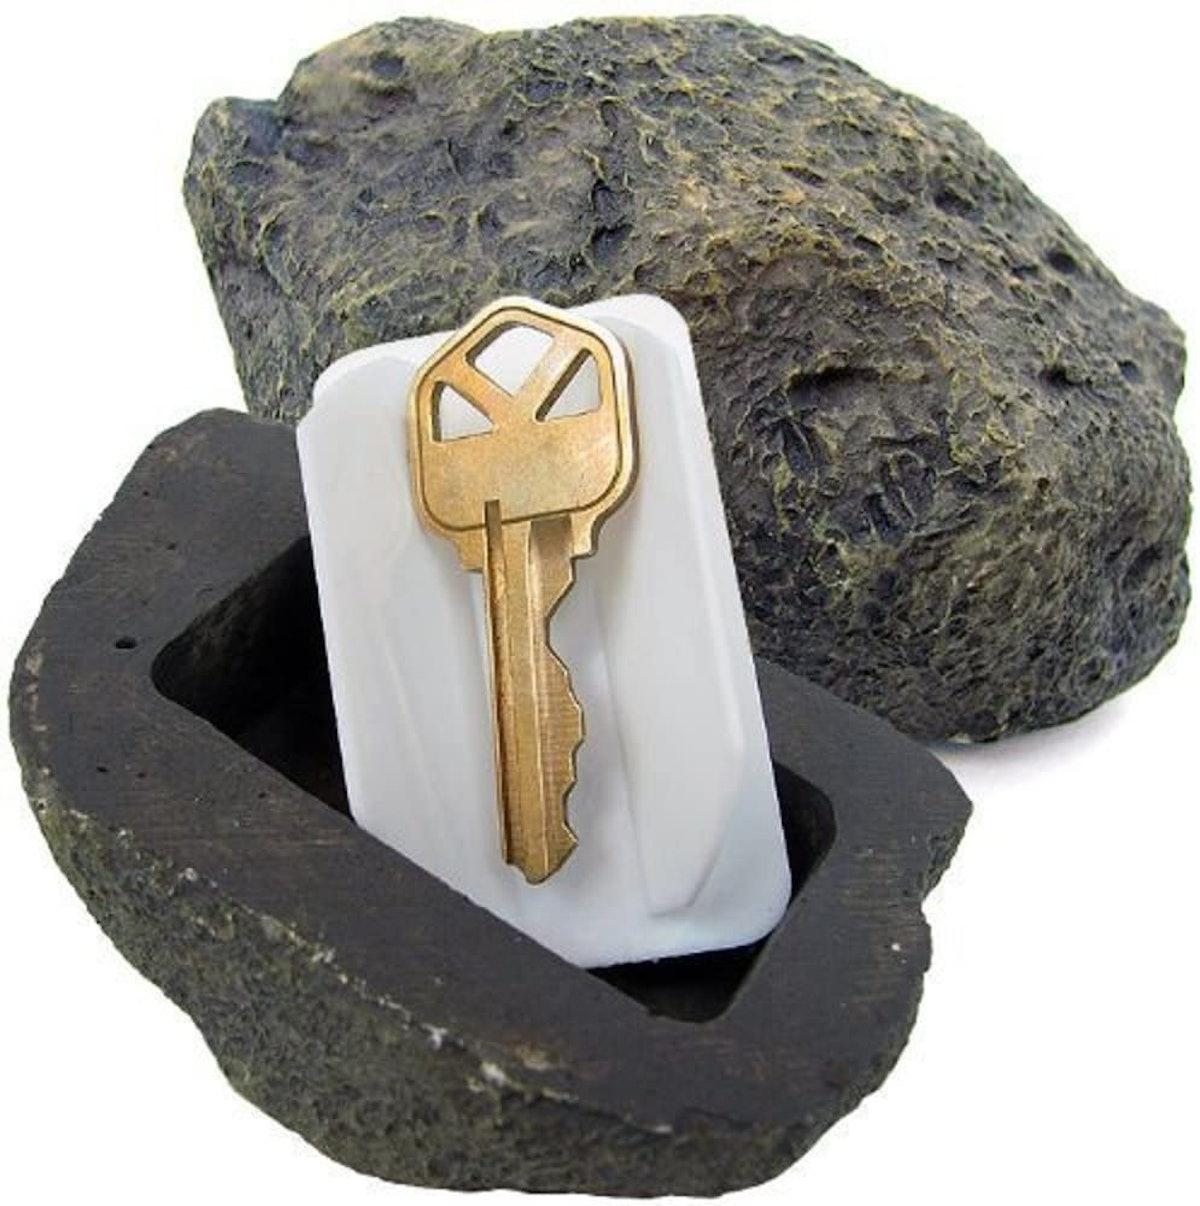 Vanitek RamPro Hide-a-Spare-Key Fake Rock